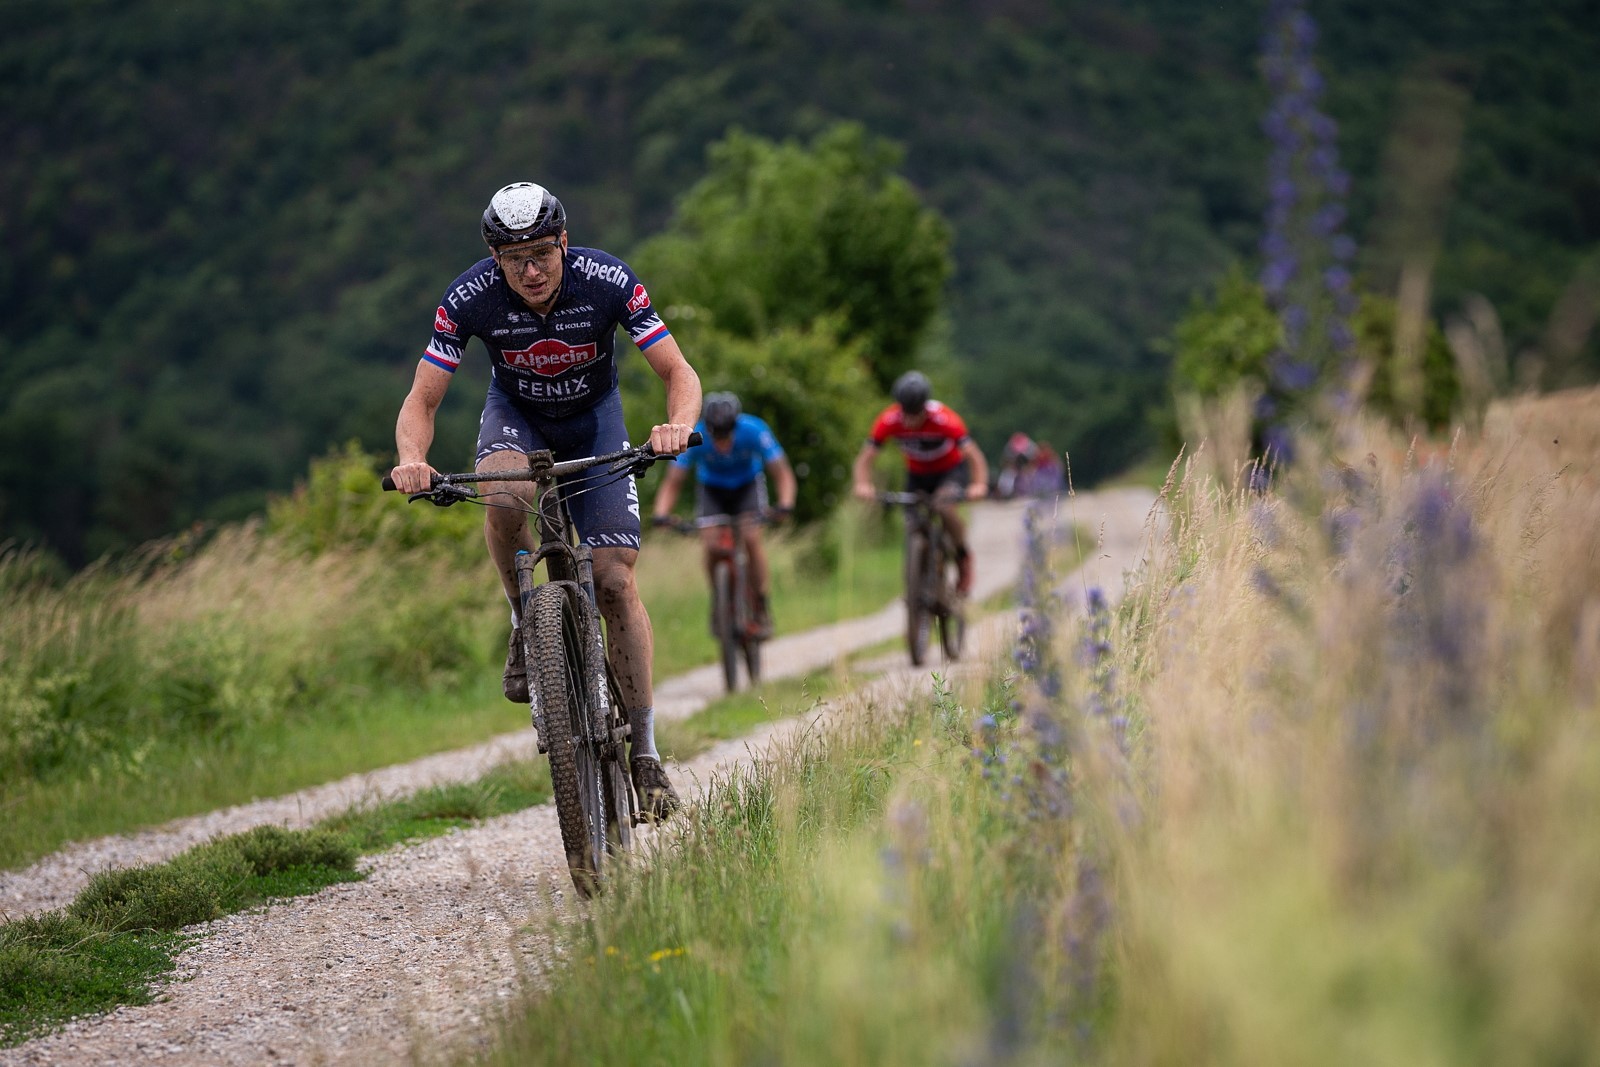 Petr Vakoč, jehož pracovní náplní je silniční cyklistika, byl speciálním hostem finále výzvy Třináct kopců. Foto: Michal Červený